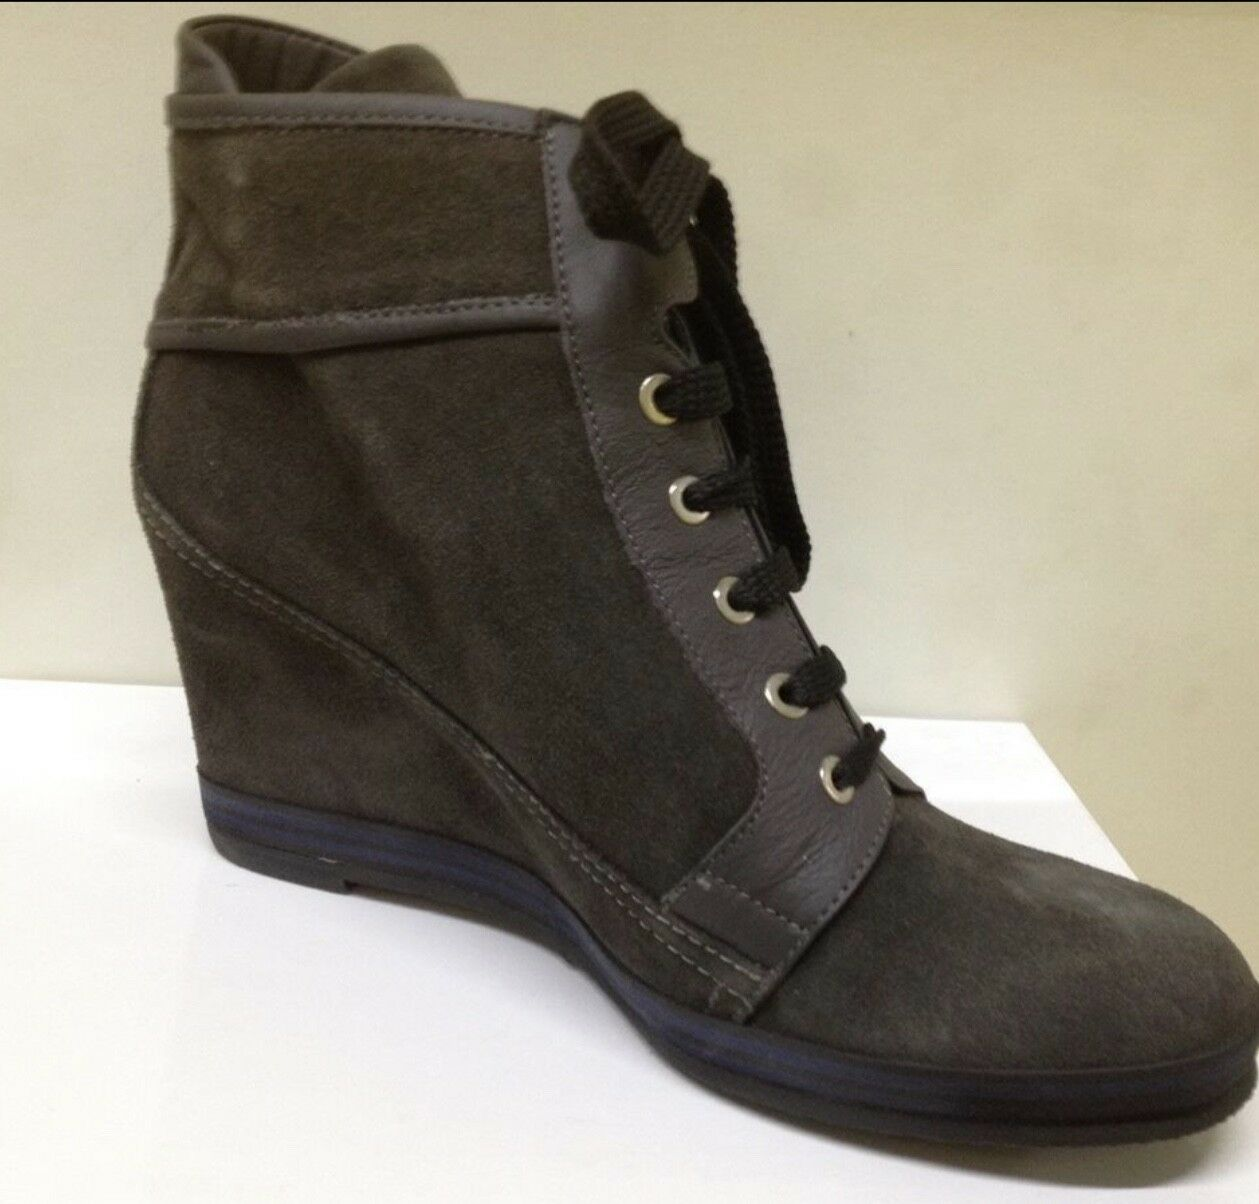 Suede damen's damen's damen's Fashion Trainers Wedges Made in  EUR 41 UK 8 Dark grau 6a27a9